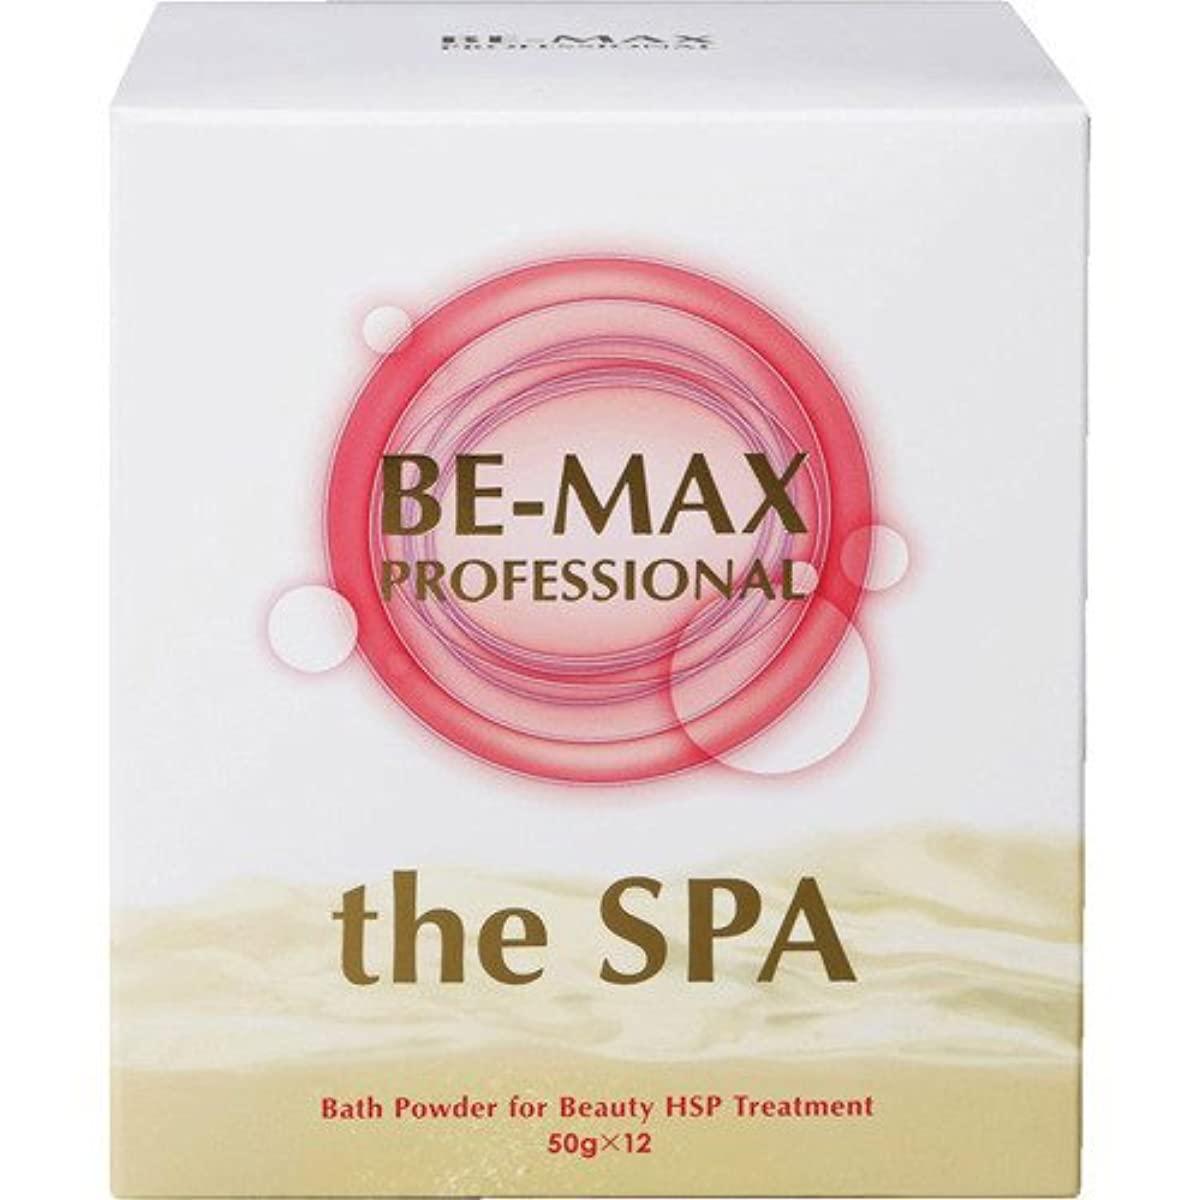 専門用語着る静かにBE-MAX PROFESSIONAL the SPA(ザ?スパ) ビーマックスプロフェッショナル ザ?スパ バスパウダー 50gx12包 (4571132621587)